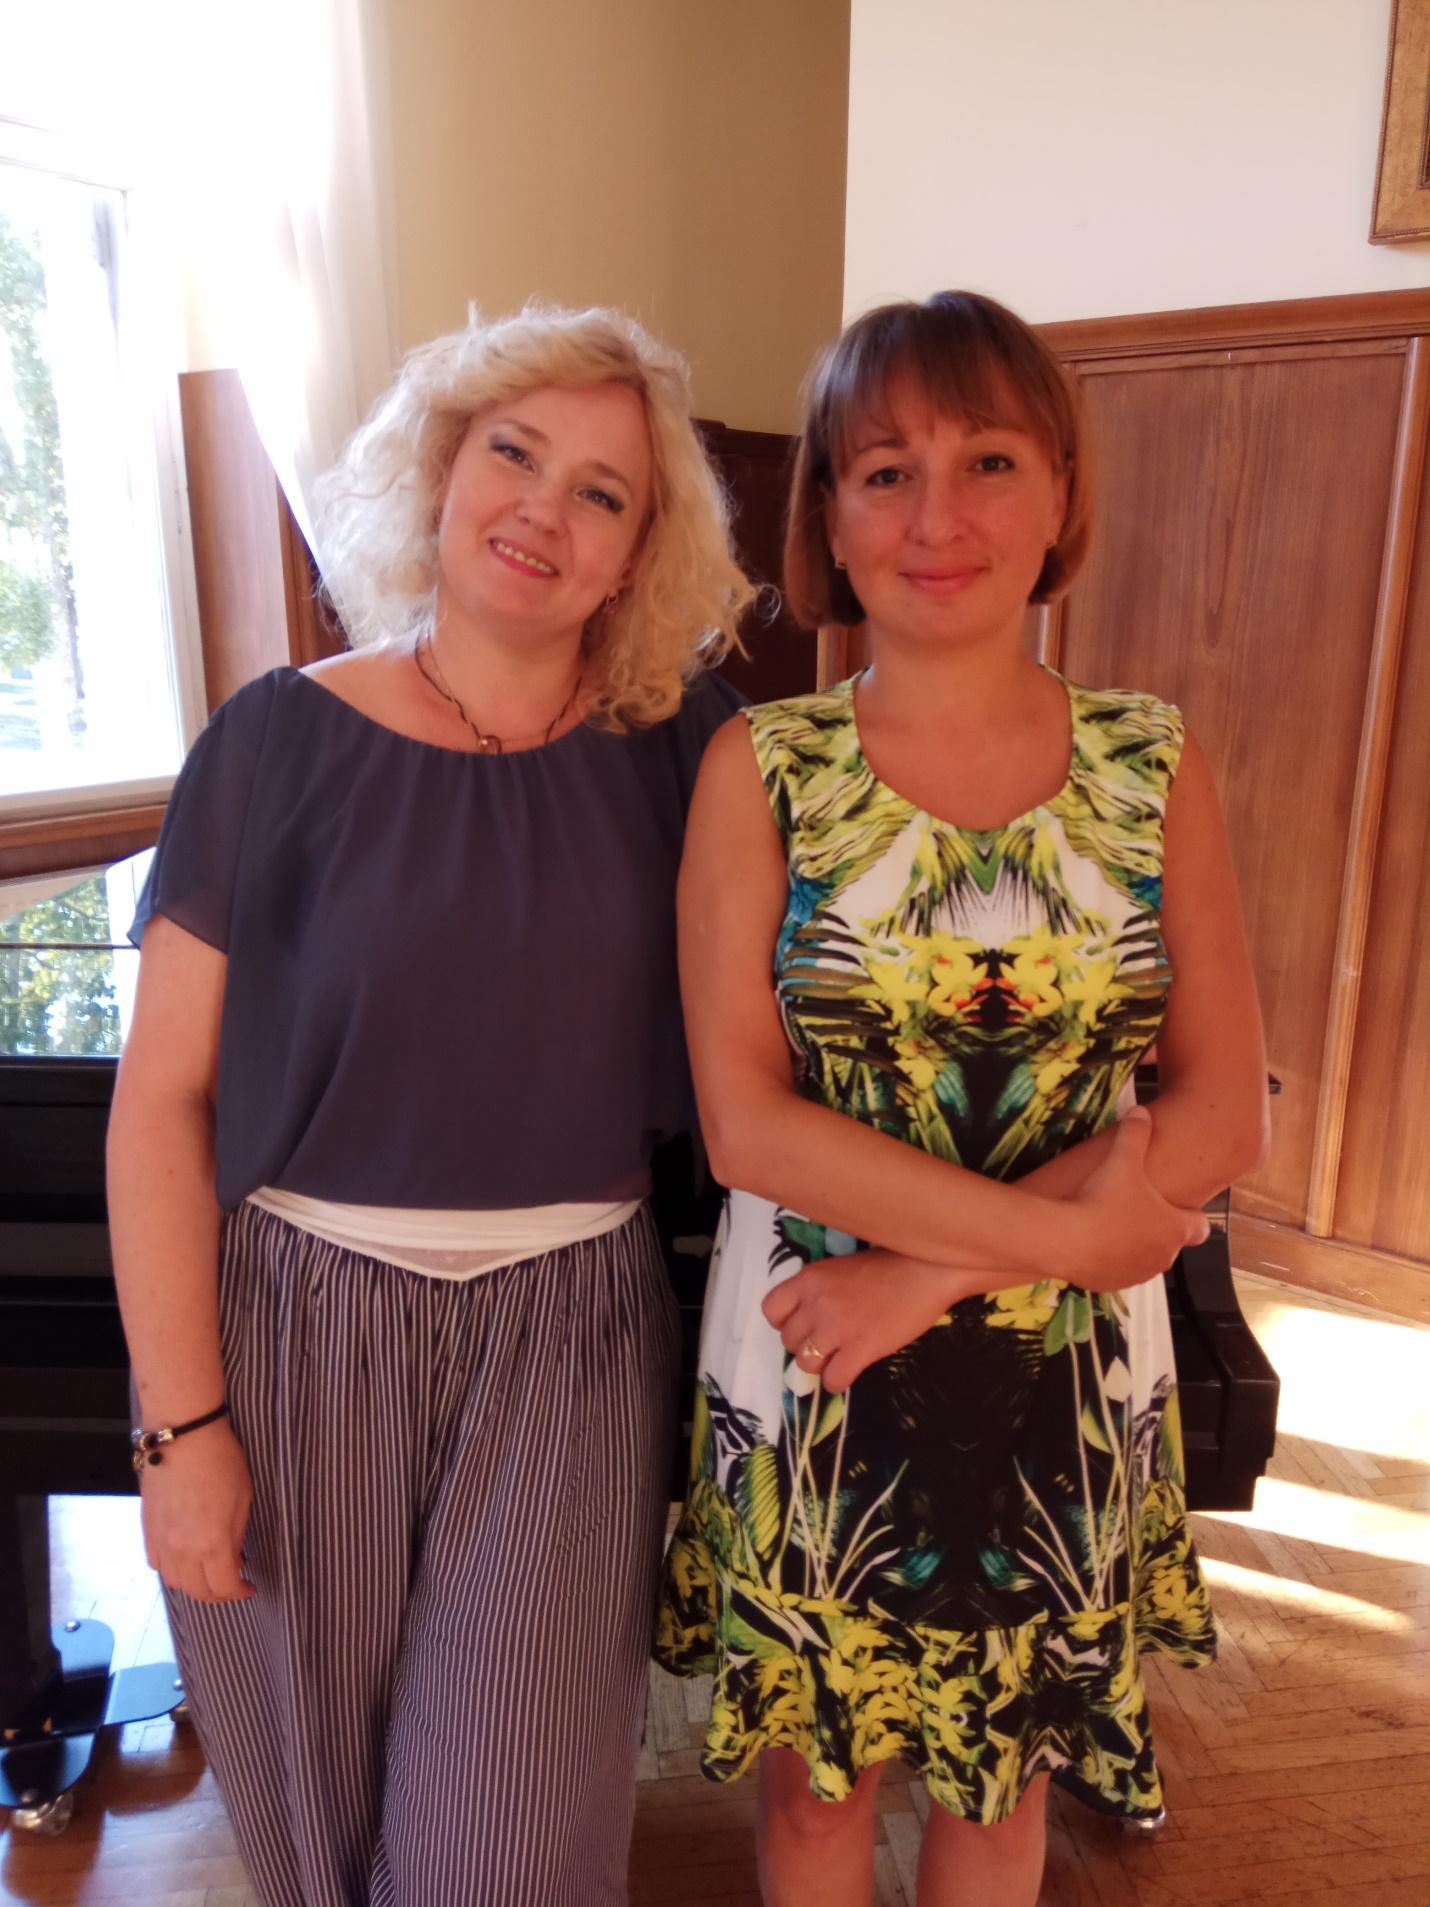 Александра Вербицкая и Анна Горбунова, редактор интернет газеты «Славянский бульвар», Словения, 2018 год.